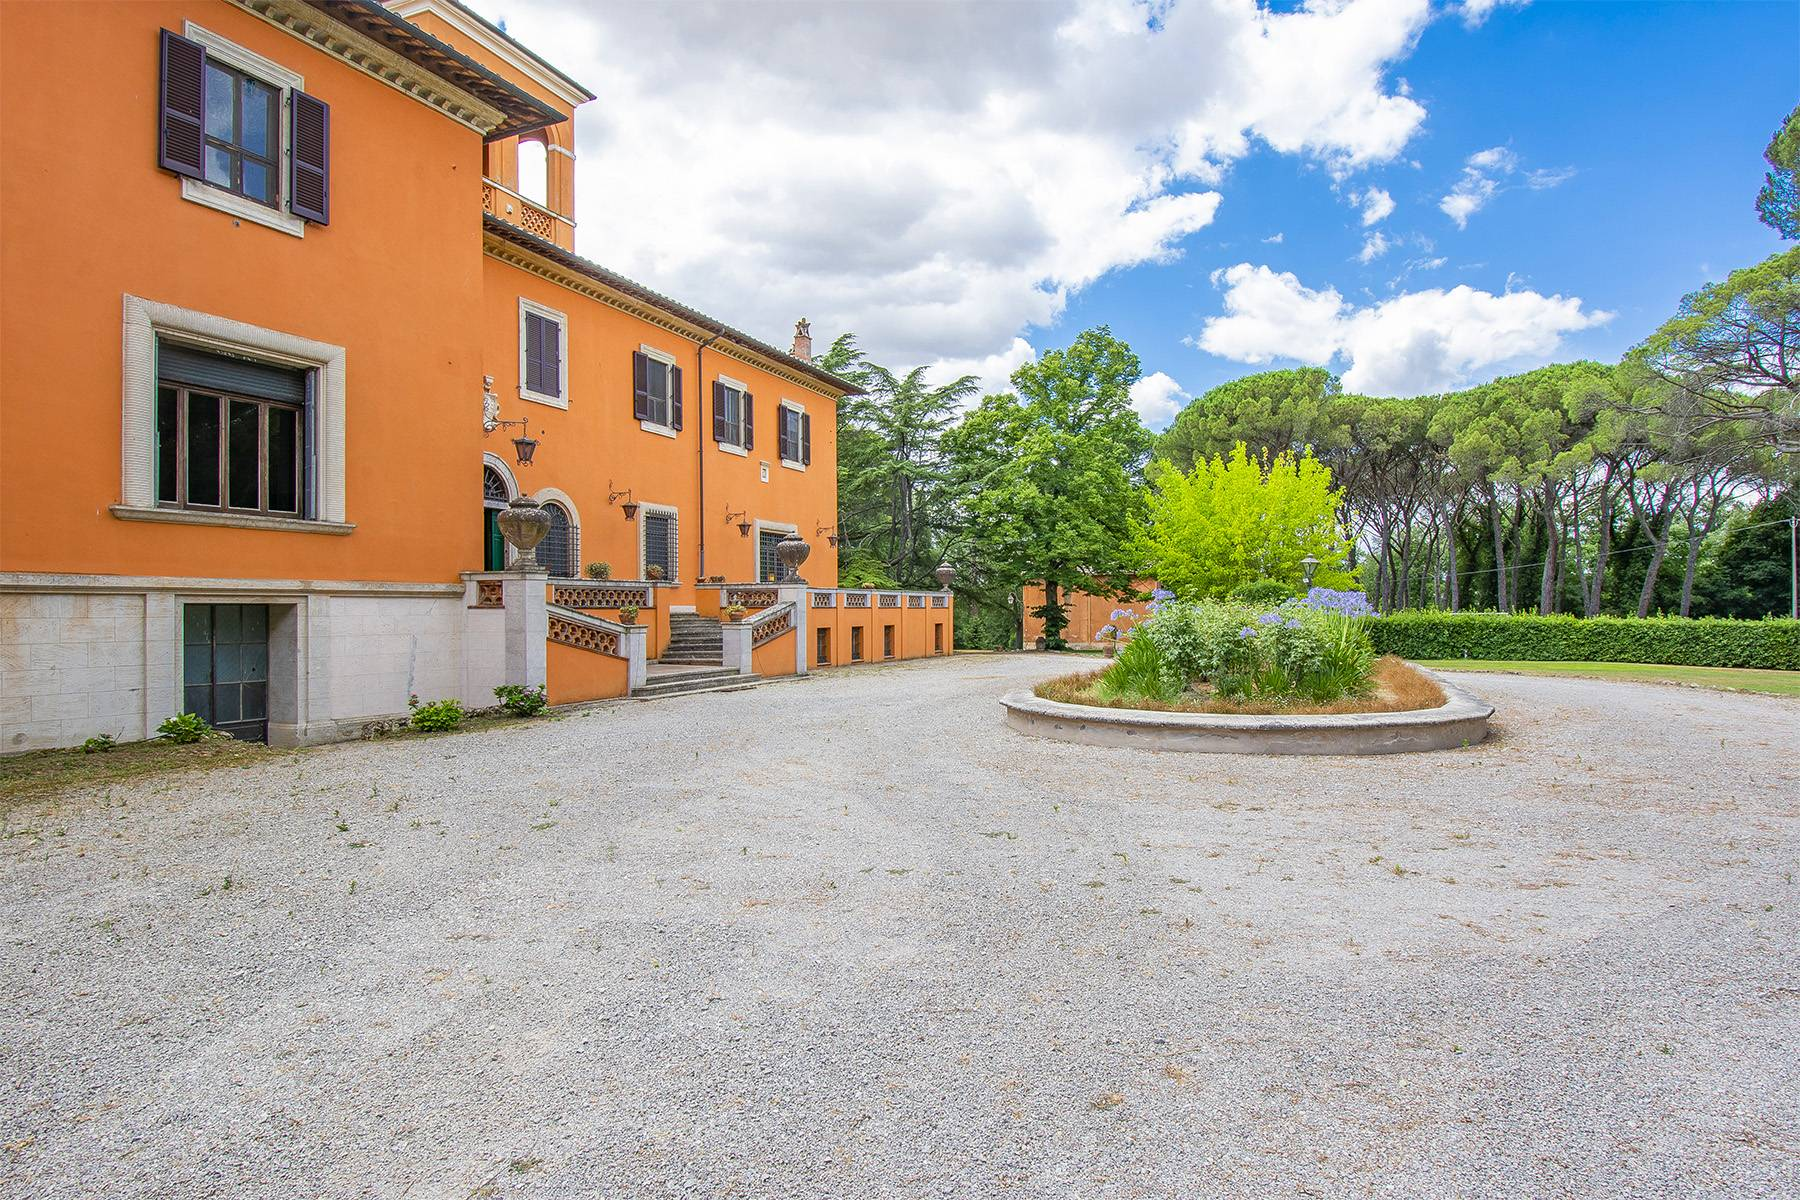 Magnifica villa dell'800 nel cuore dell'Umbria - 32